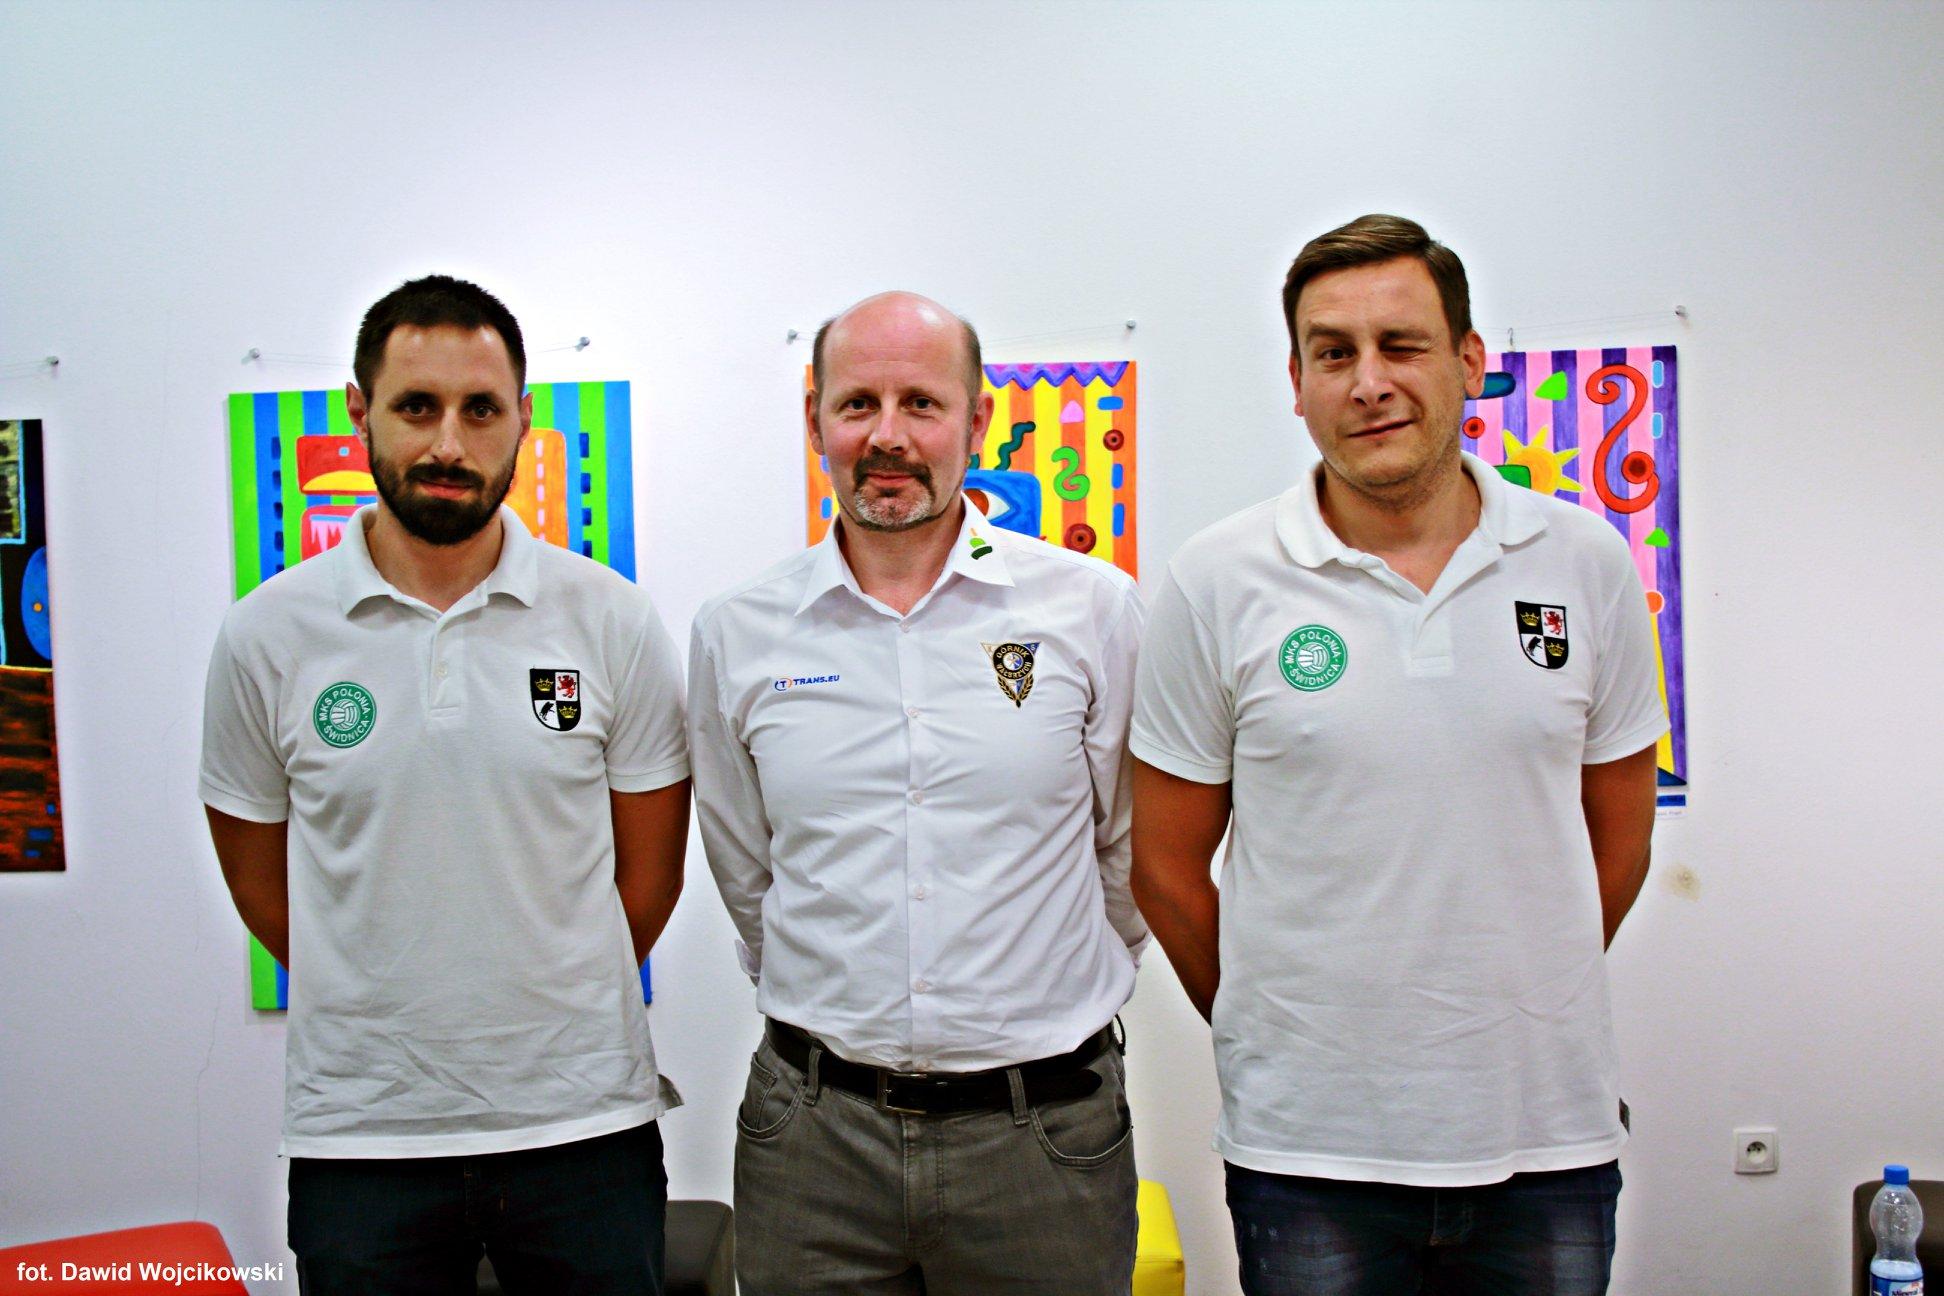 Umowa szkoleniowa z Trans.eu Górnik Wałbrzych